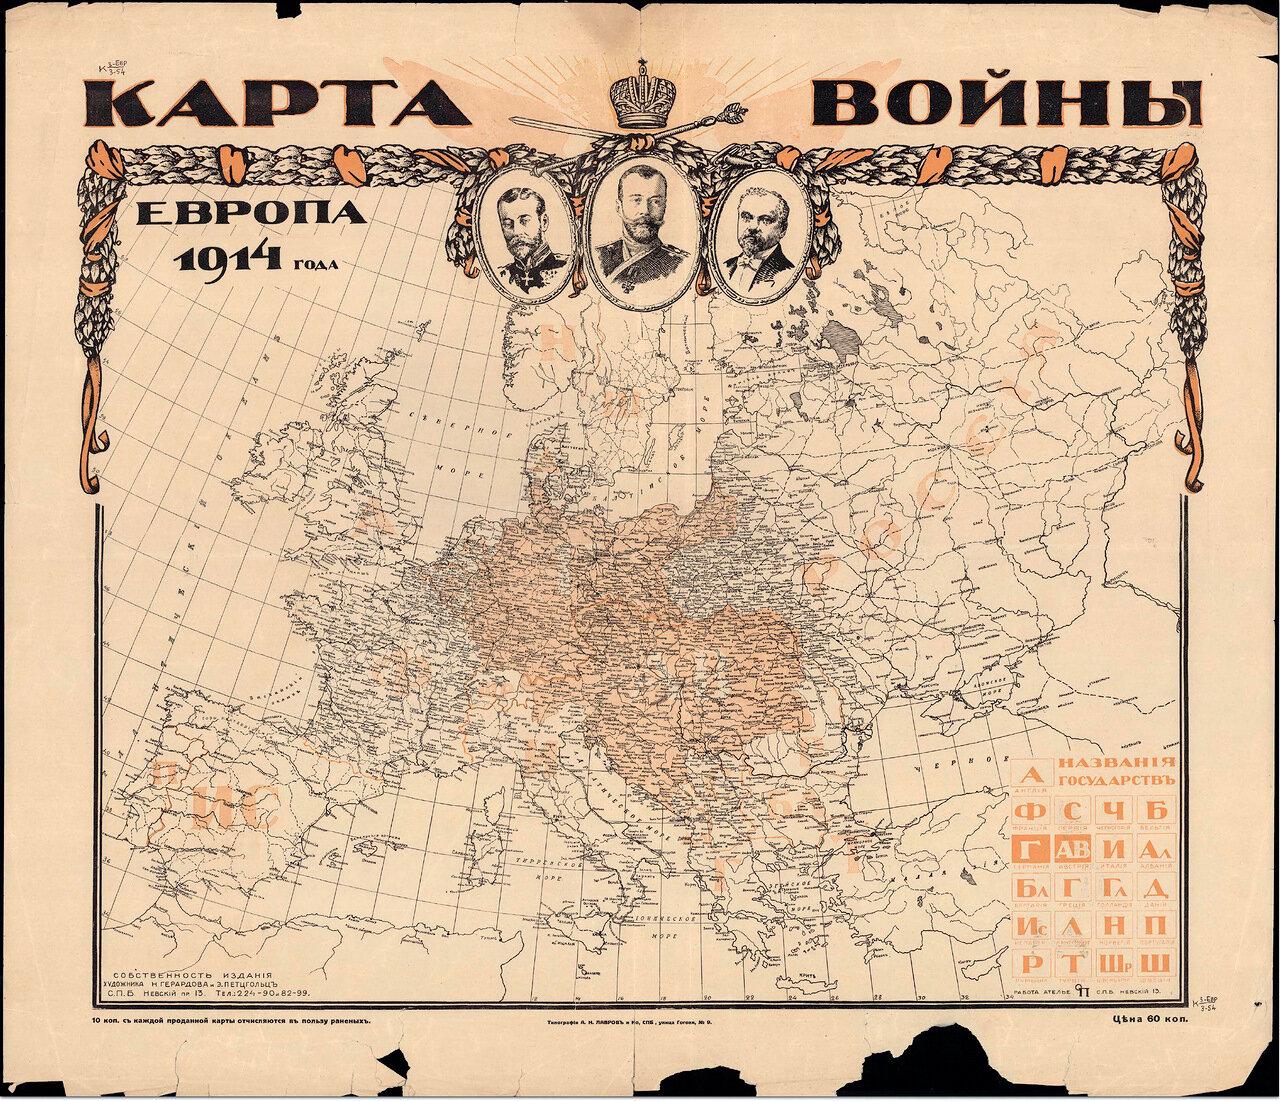 Карта войны. Худ. Н.Герардова и Э.Петцгольцг